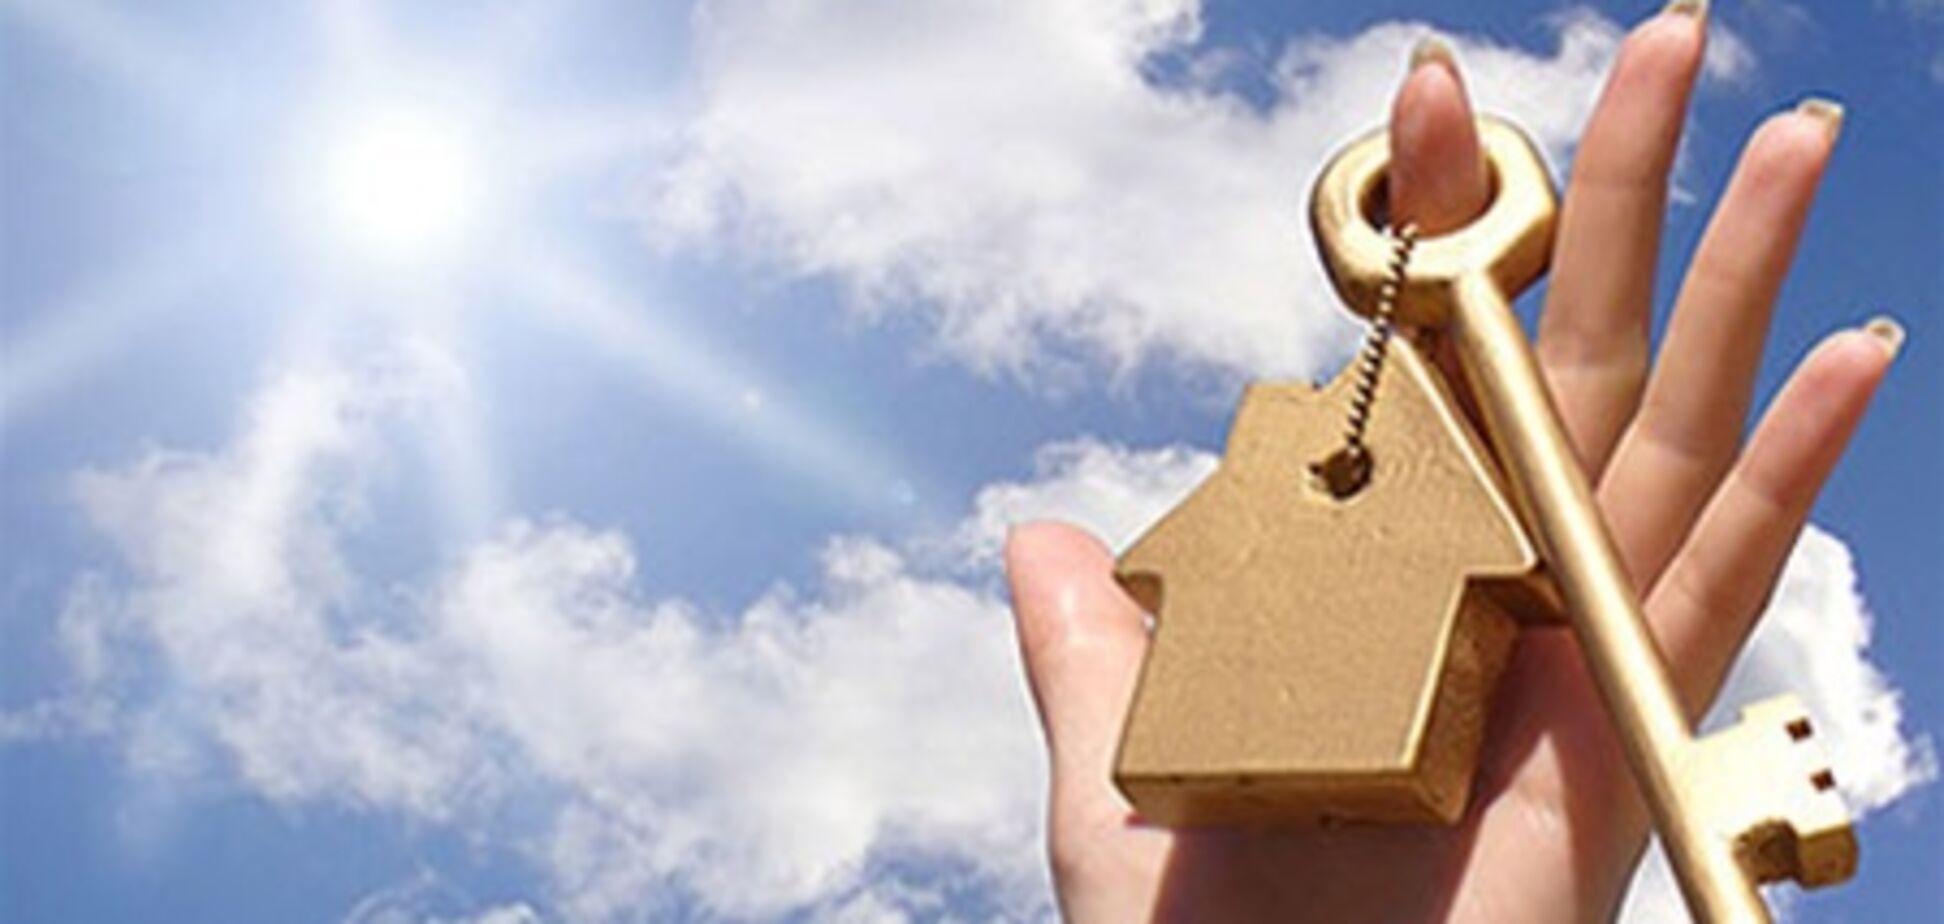 Как не попасть в аферу при сделке с недвижимостью - советы эксперта